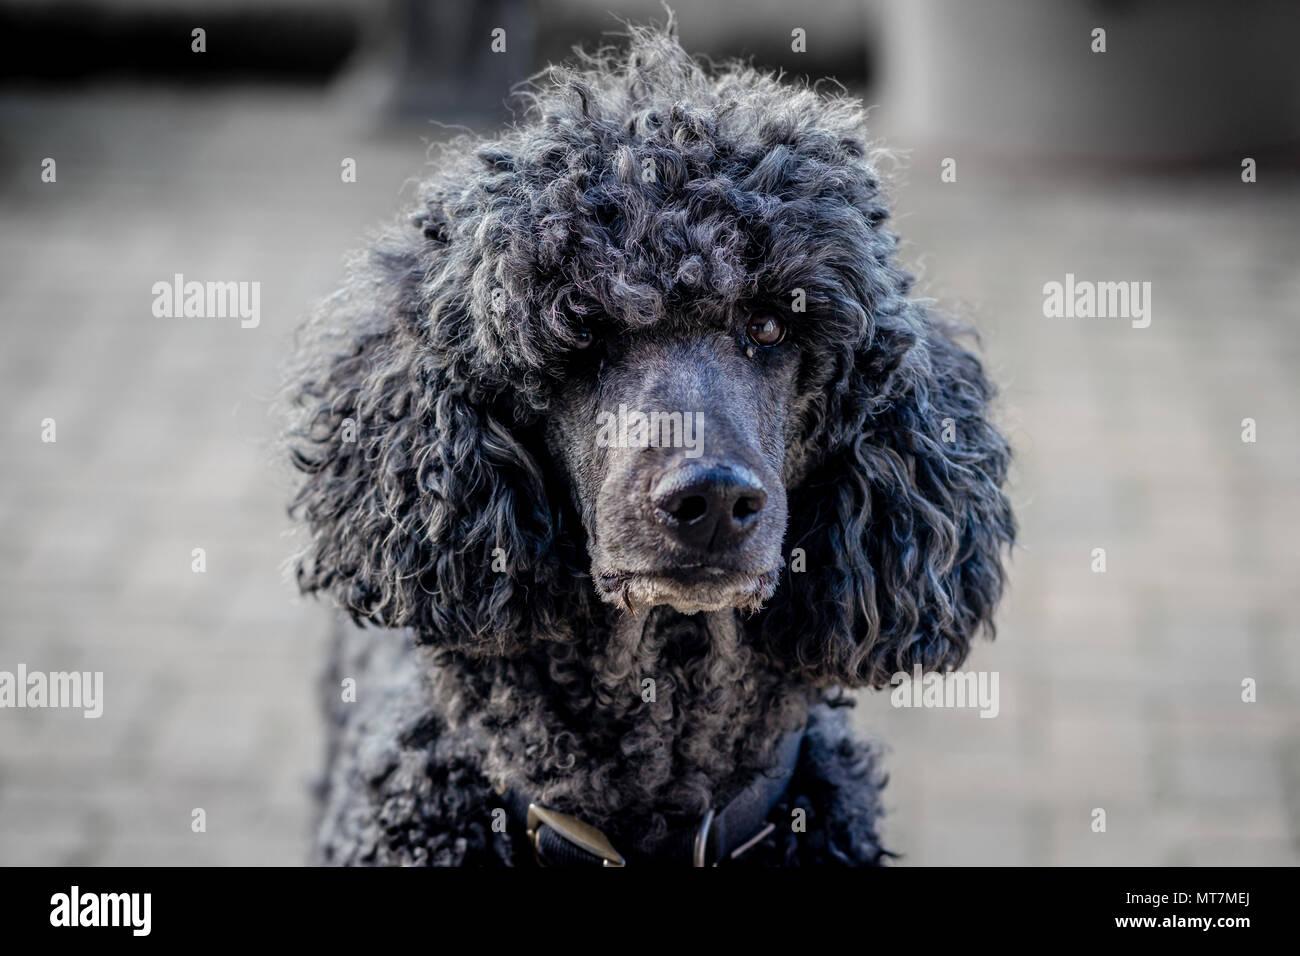 Von hinten beleuchtete große collared schwarz standard poodle Dog mit natürlichen Fell starrte direkt auf die Kamera unter Terrasse - Porträt Porträt Stockbild